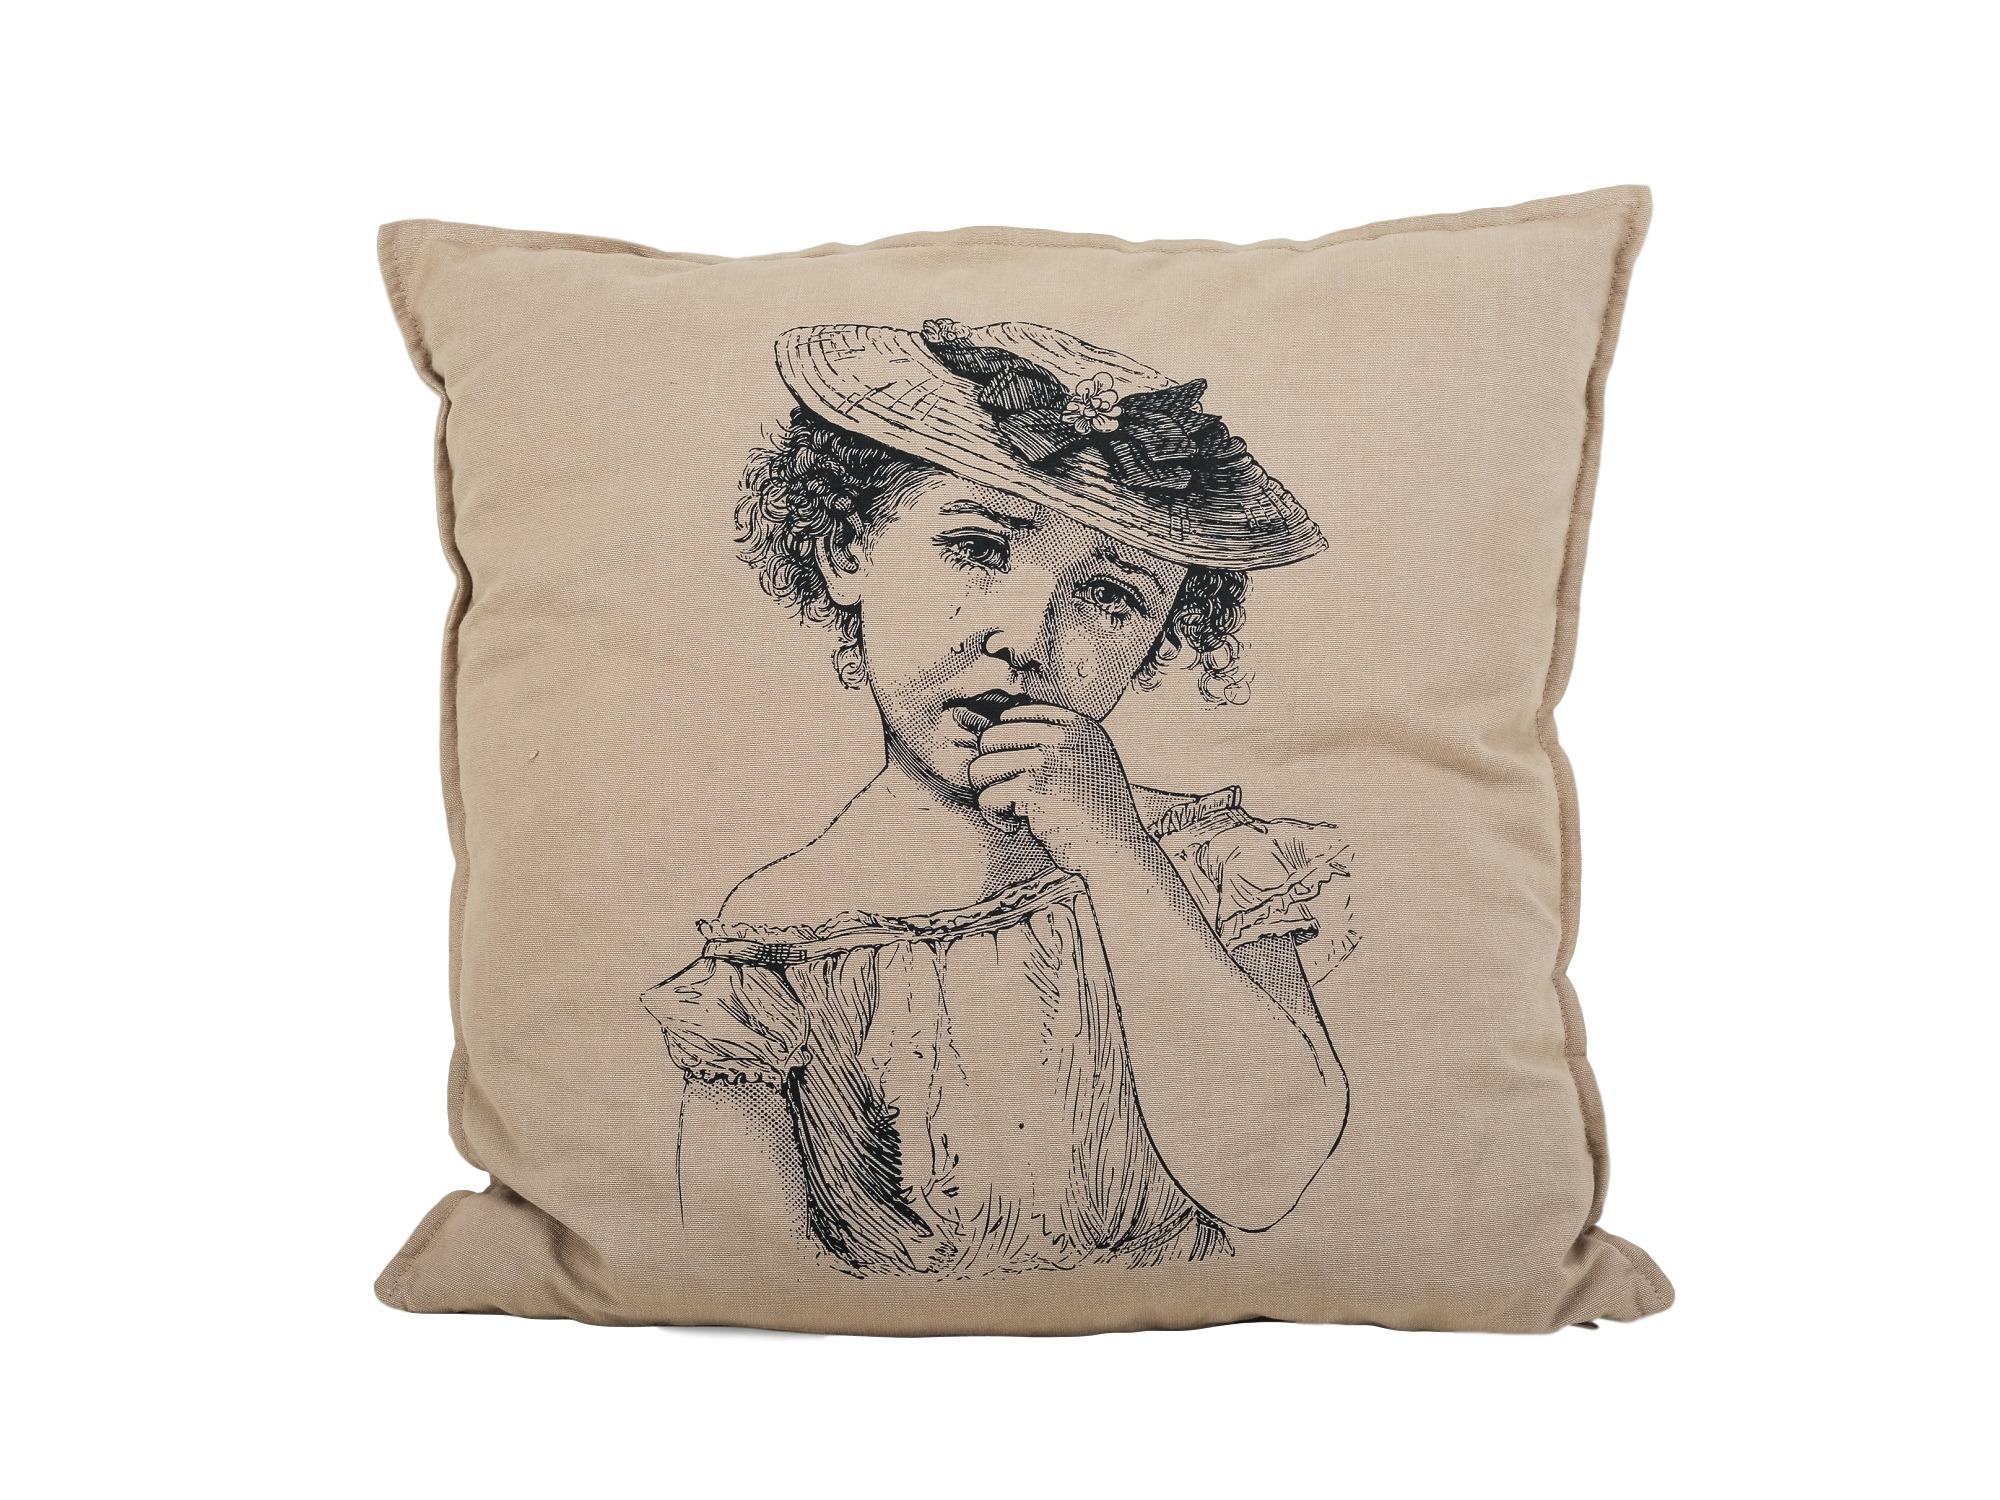 Подушка «Девочка»Квадратные подушки<br>Чехлы для подушек от датского дизайнера Annette Egholm.<br><br>Material: Текстиль<br>Width см: 40<br>Depth см: 10<br>Height см: 40